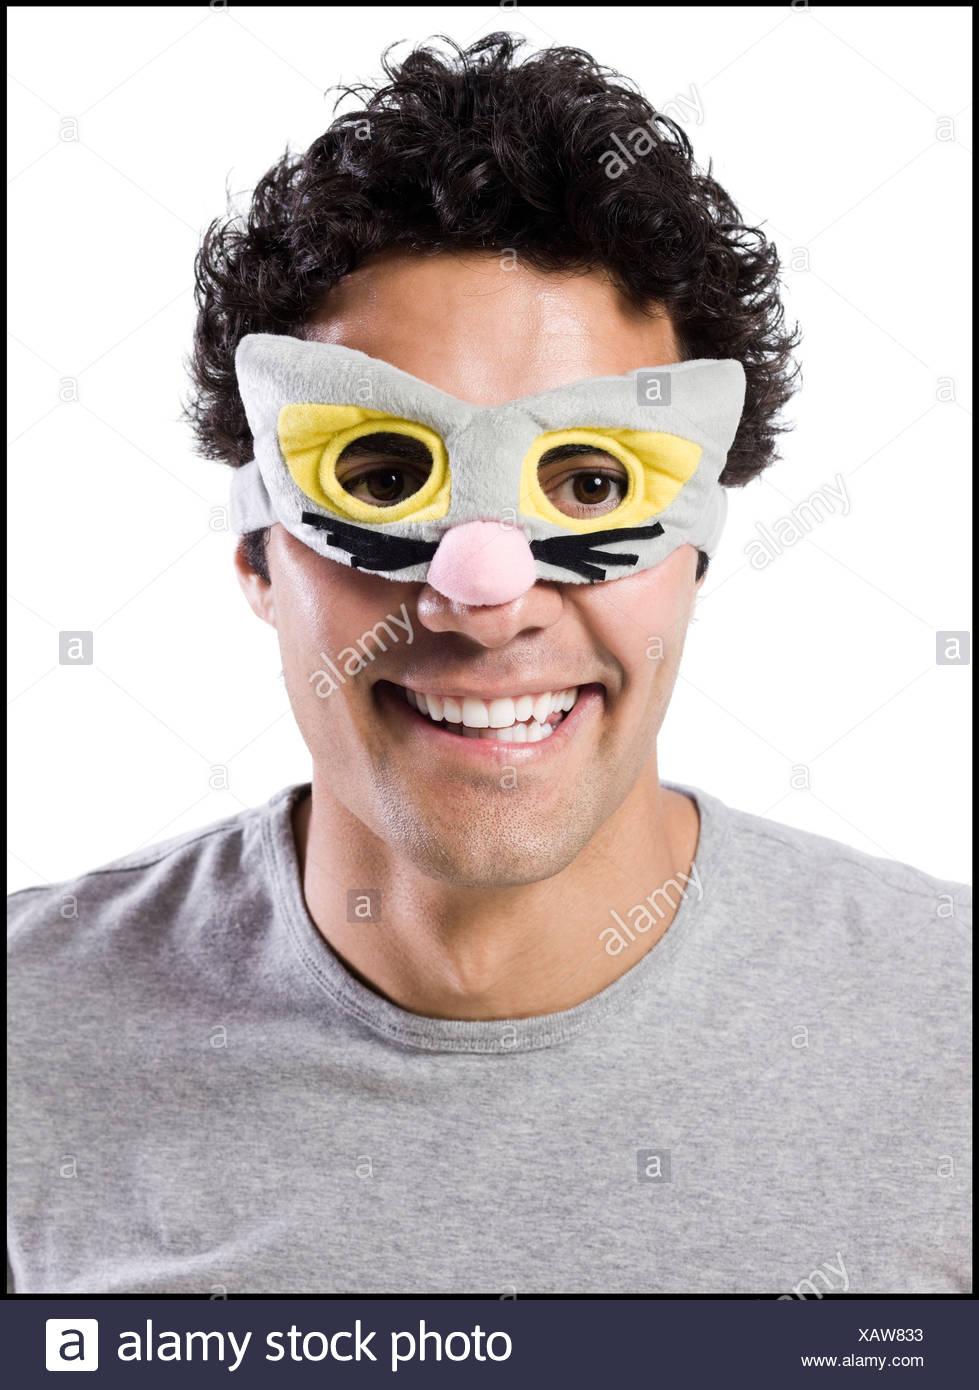 man wearing a kitty cat mask - Stock Image